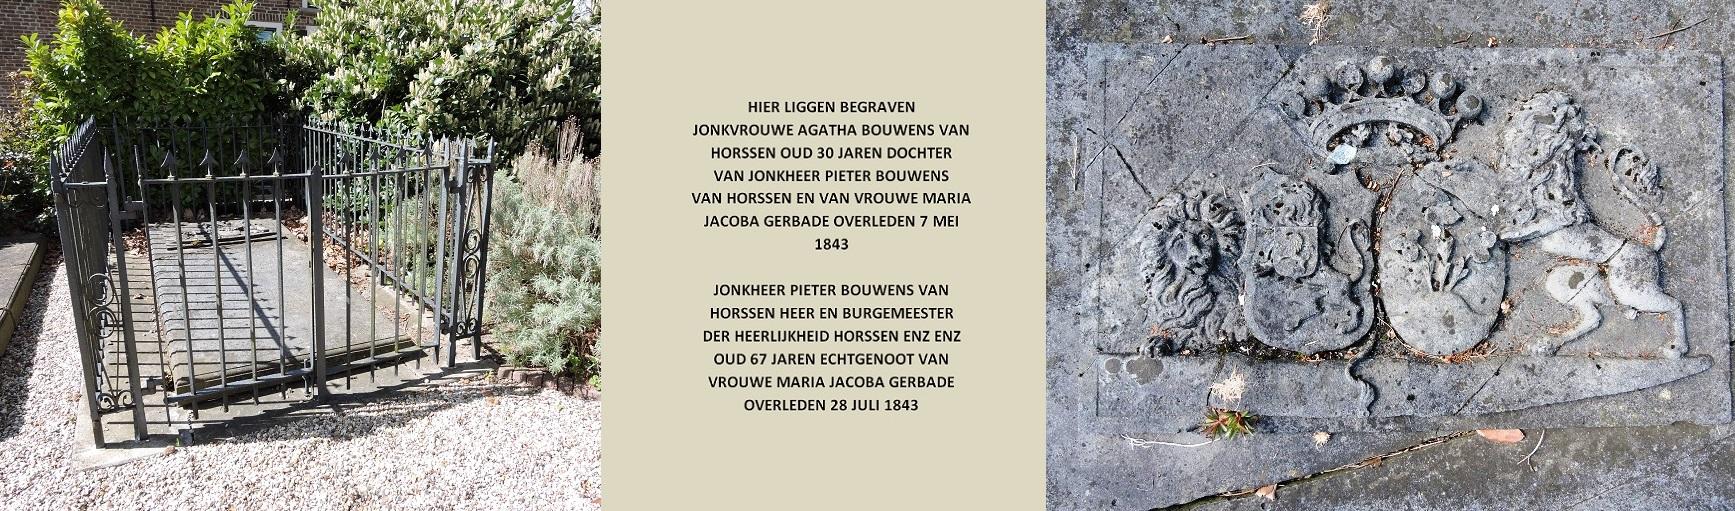 Afb. 2. Het graf van jonkheer Pieter Bouwens van Horssen (1775-1843) en van zijn oudste dochter freule Agatha Bouwens van Horssen (1812-1843), met het alliantiewapen Bouwens van Horssen-Gerbade.